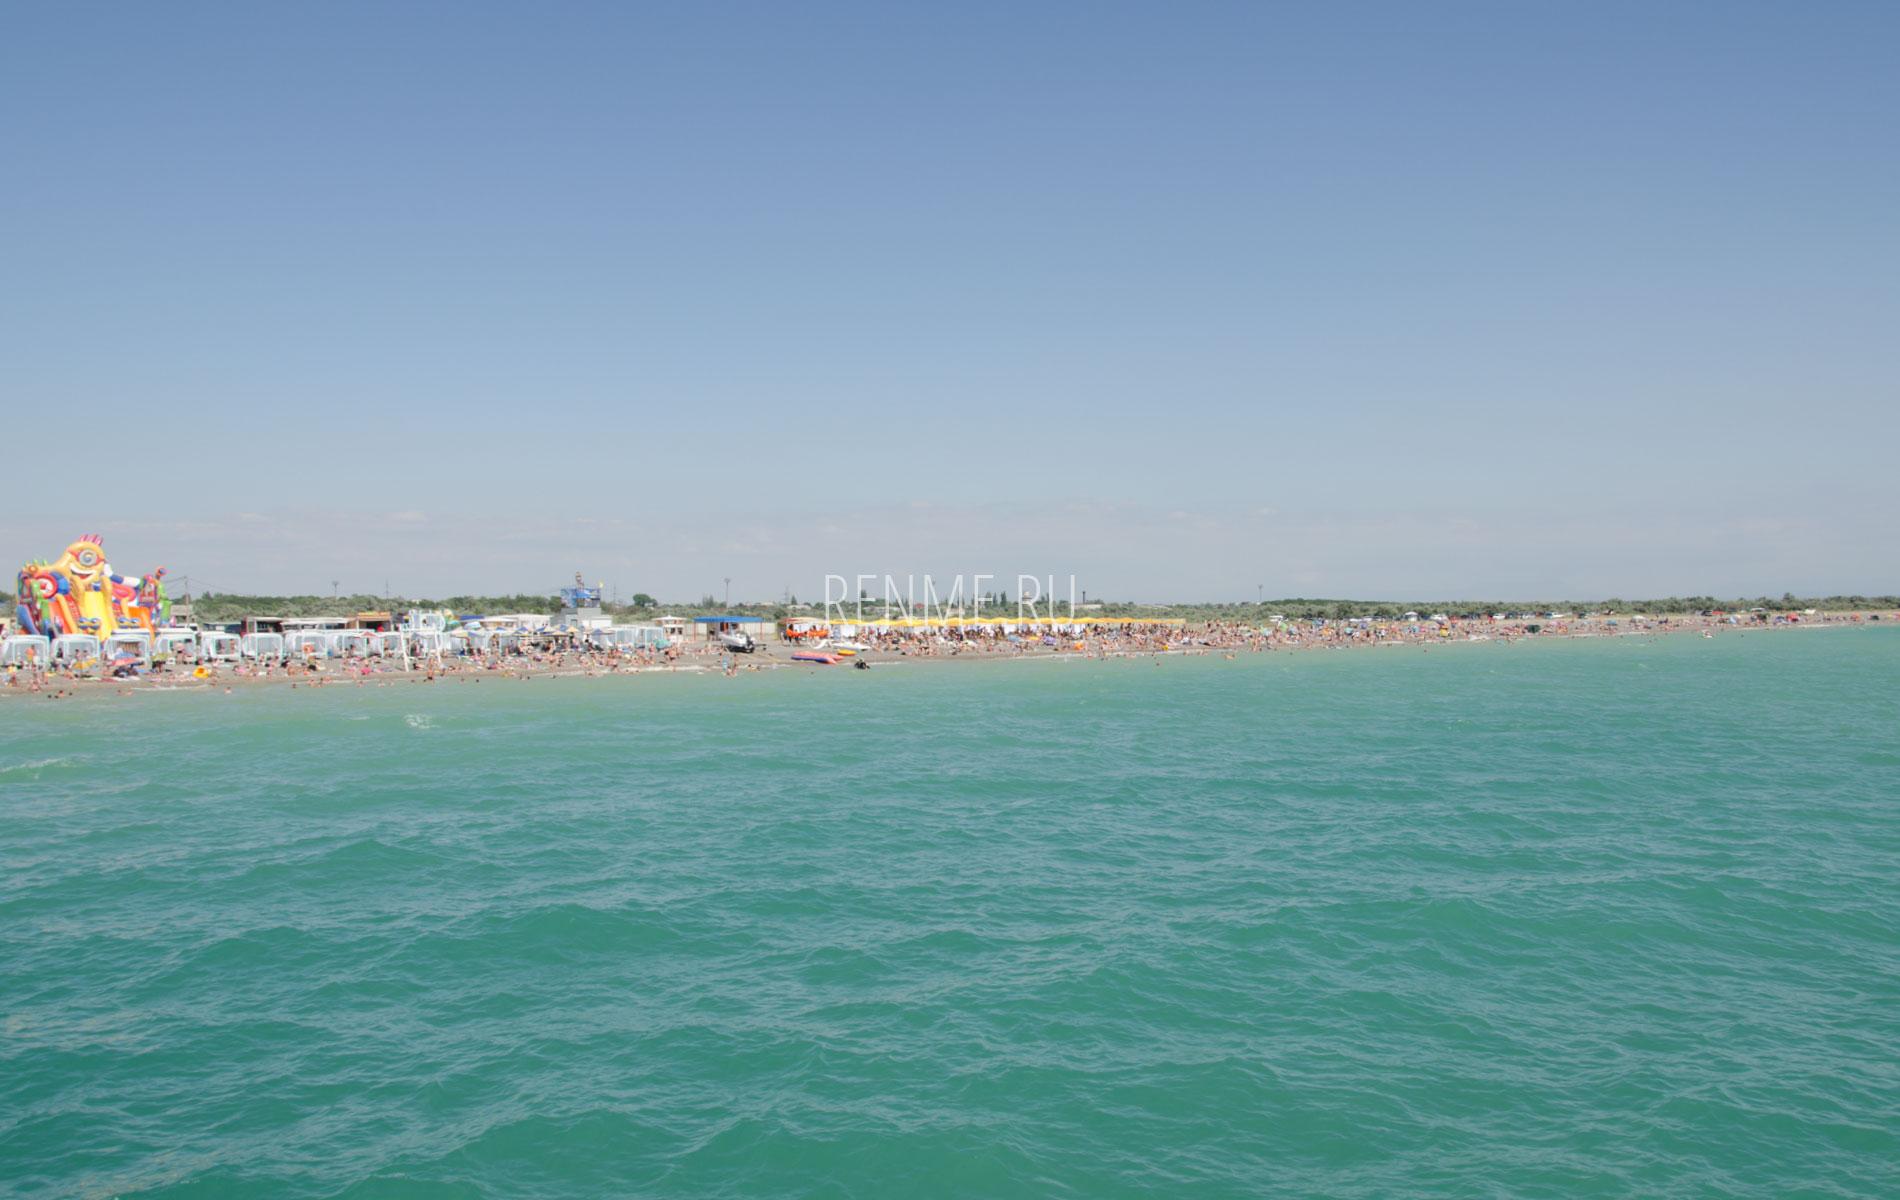 Море галечный пляж. Фото Новофедоровки